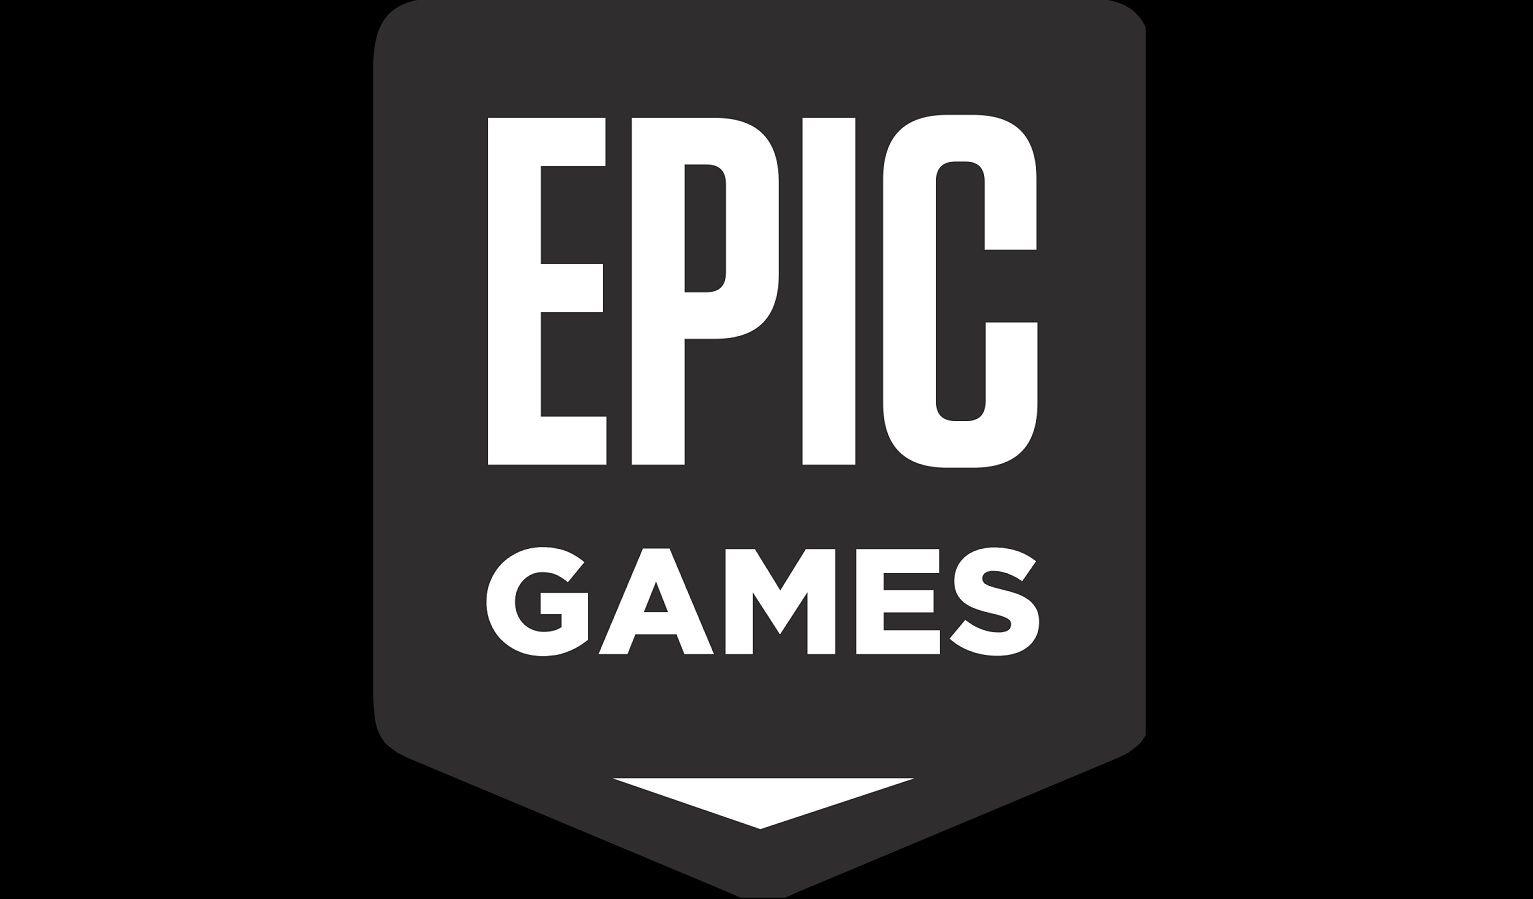 Epic Games Direkt Bağlanma İletişim Numarası